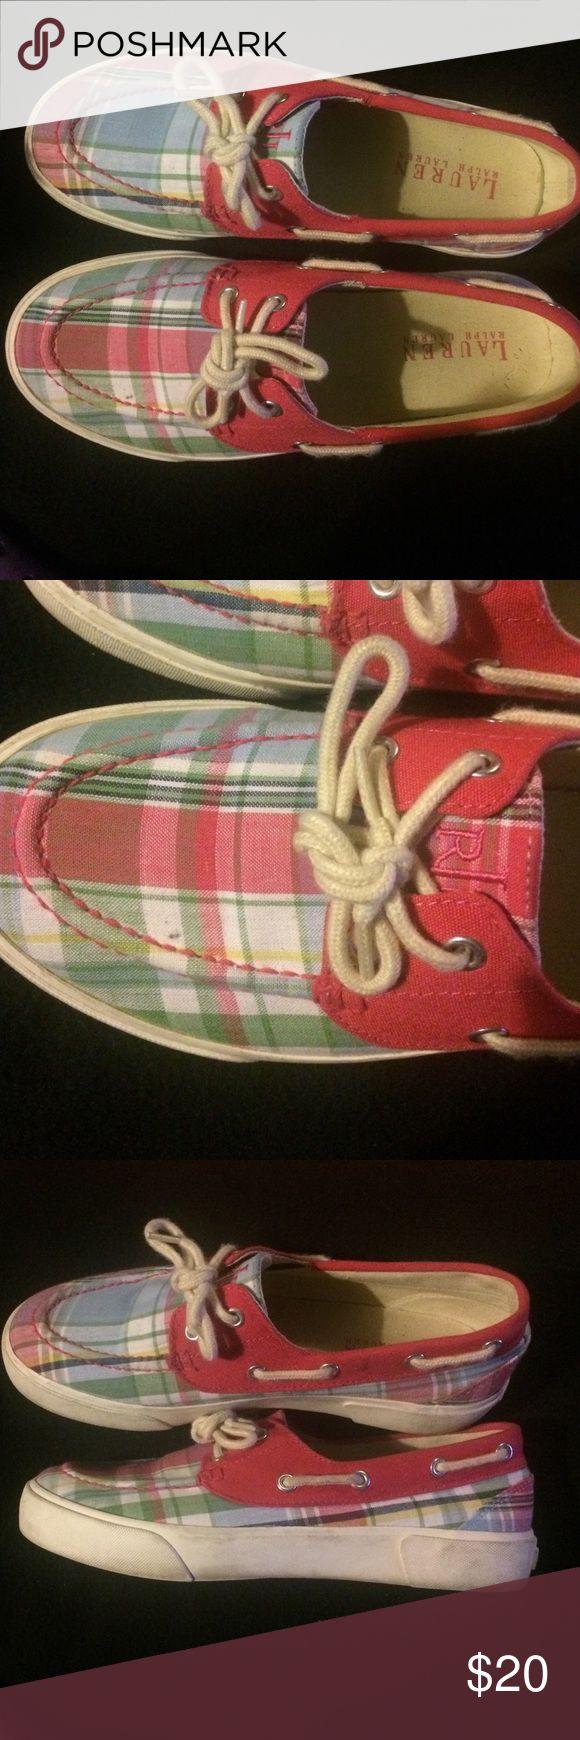 Lauren Ralph Lauren Plaid Boat Shoes Pink plaid boat shoes. Minor signs of wear. Lauren Ralph Lauren Shoes Flats & Loafers